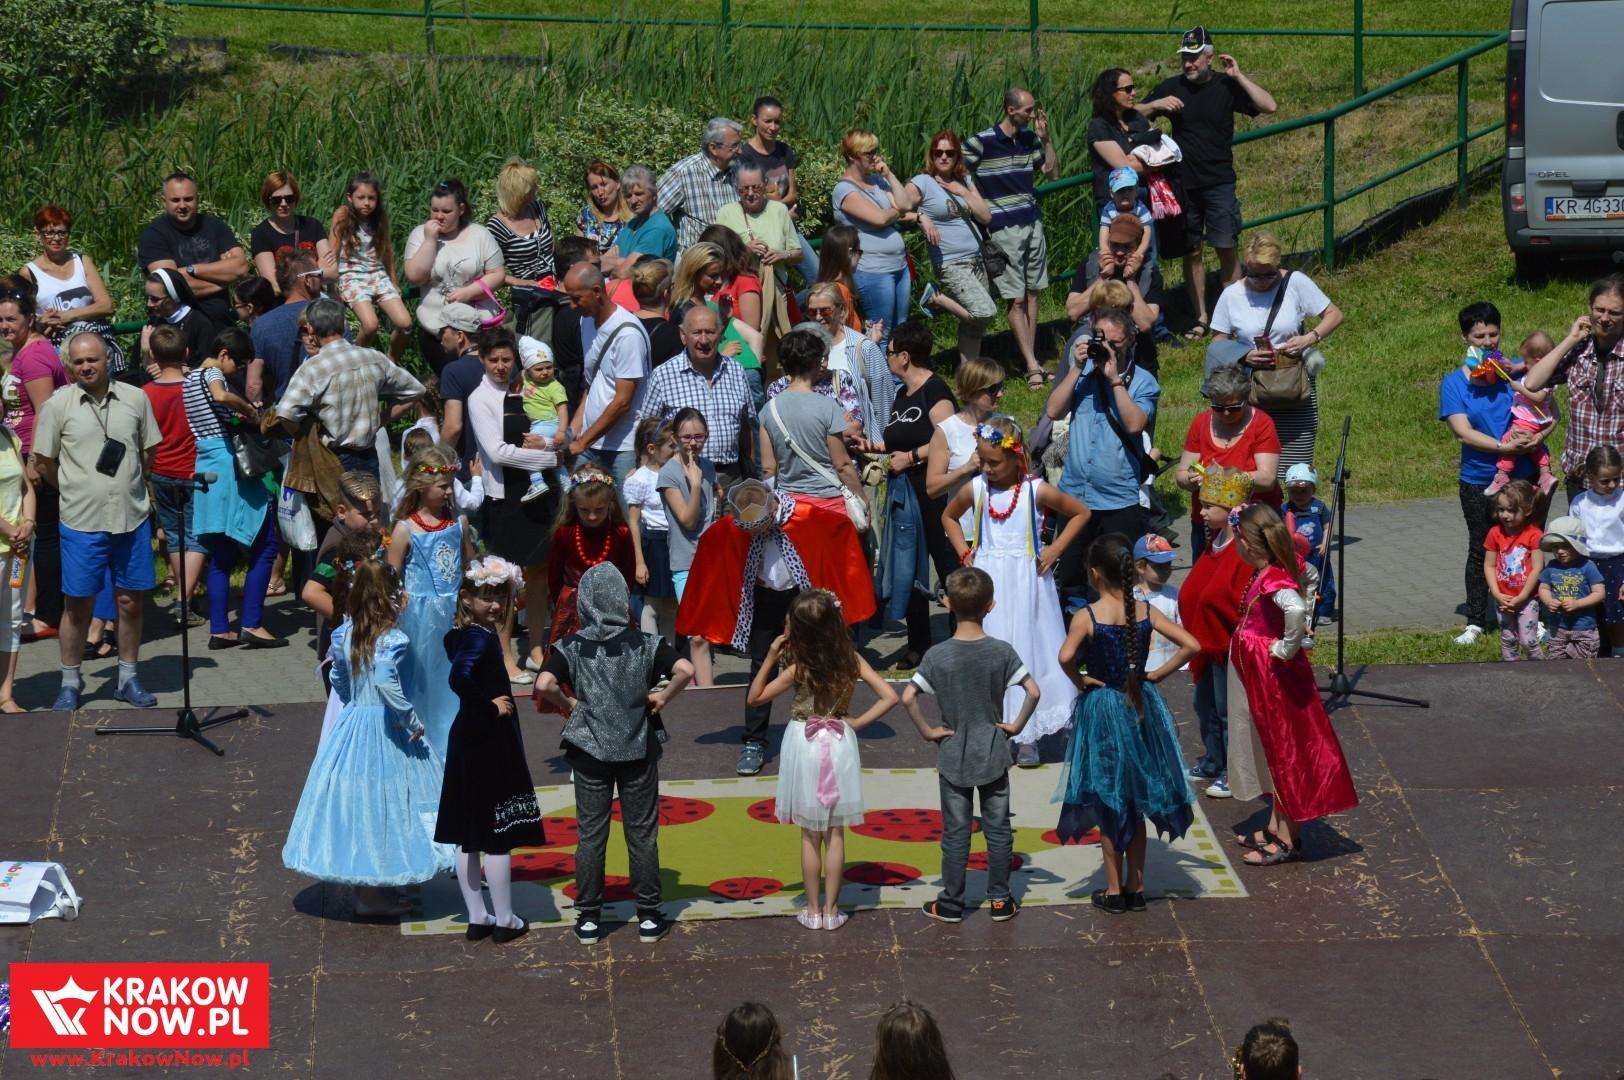 25 lat osiedla rzaka krakow festyn rodzinny 42 150x150 - 25 lat Osiedla Rżąka - galeria zdjęć z festynu